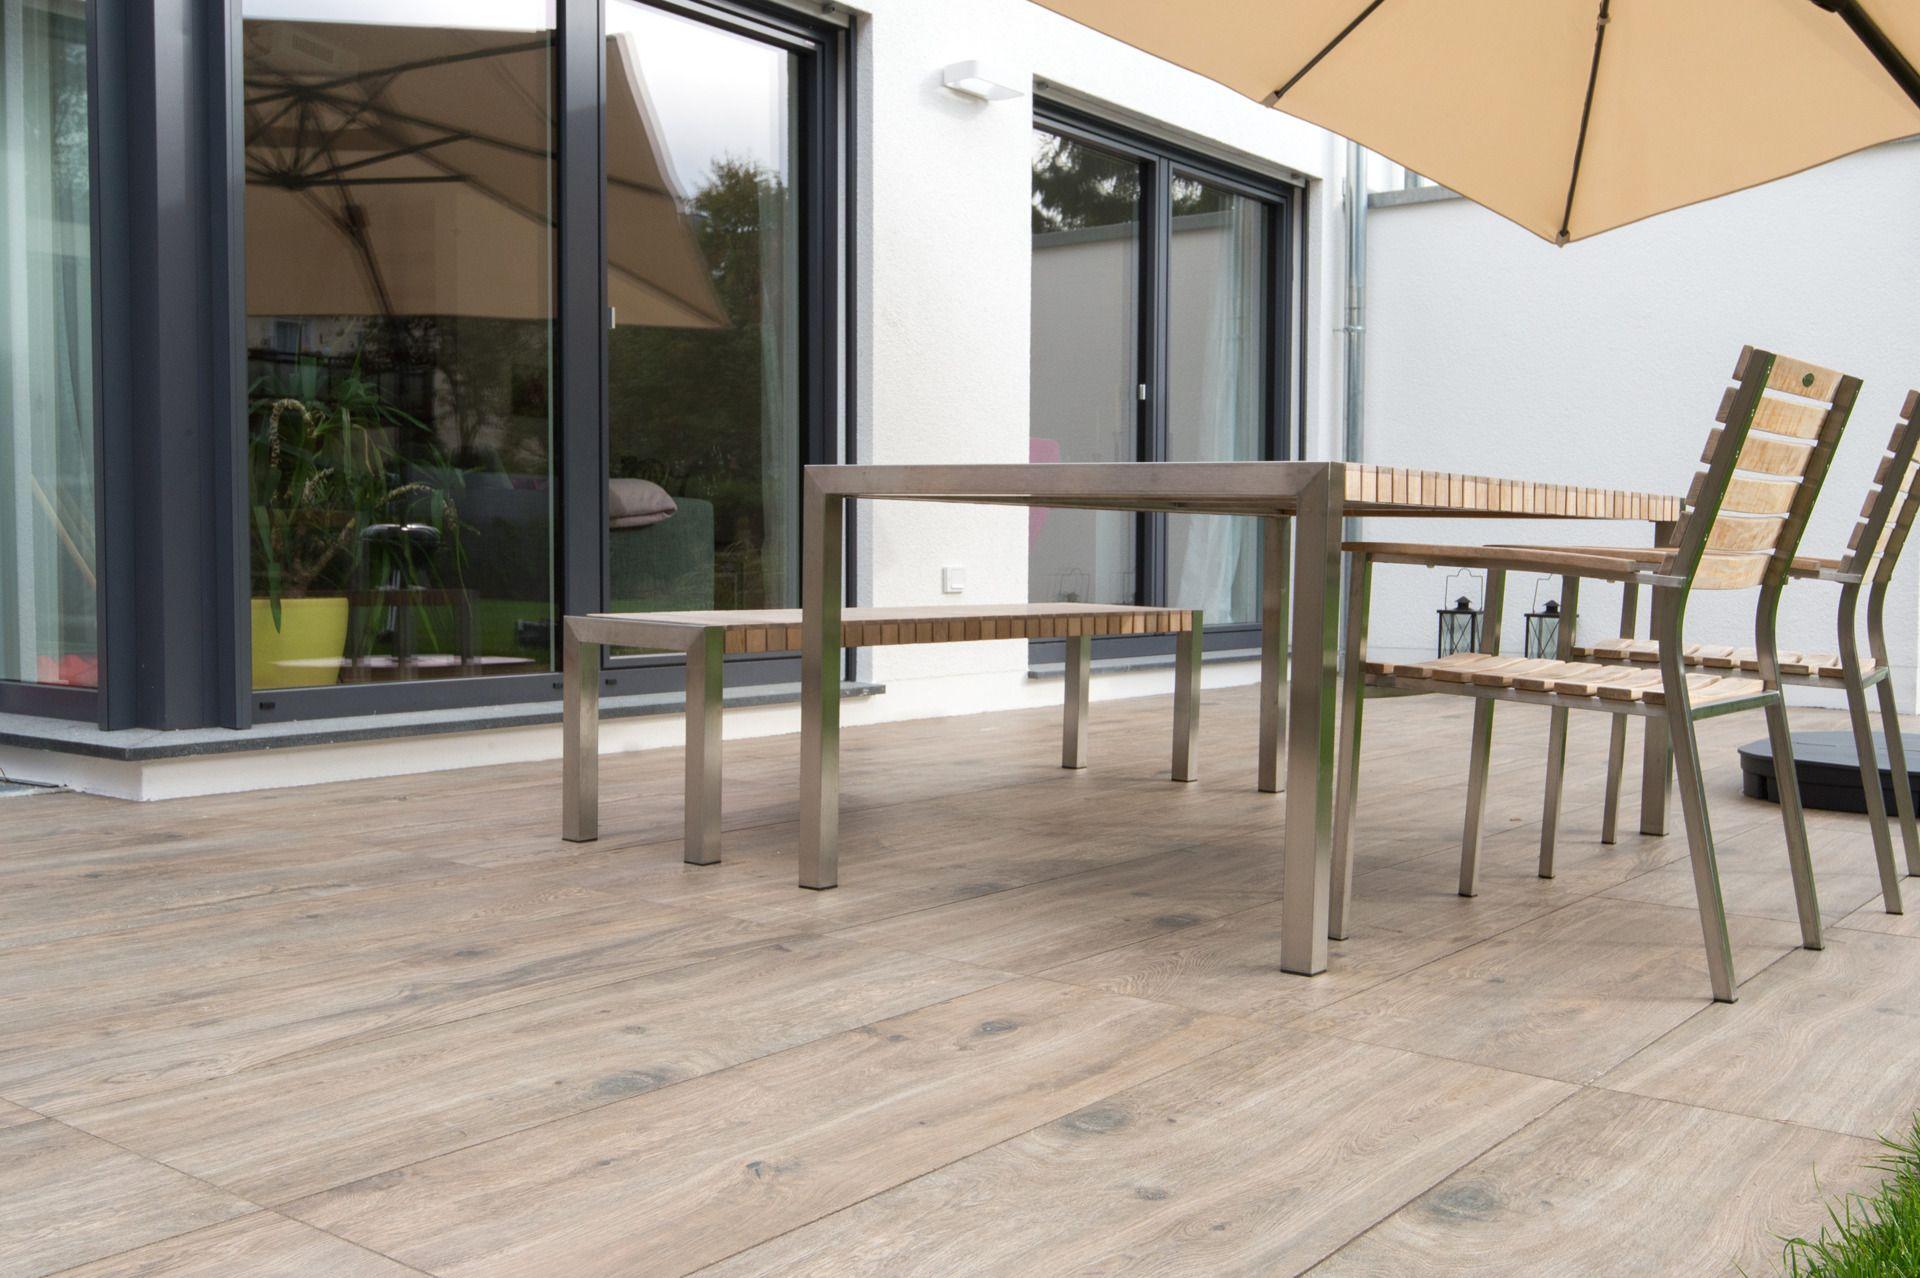 Gartenterrasse mit Sonnensegel und Terrassenplatten in heller ...